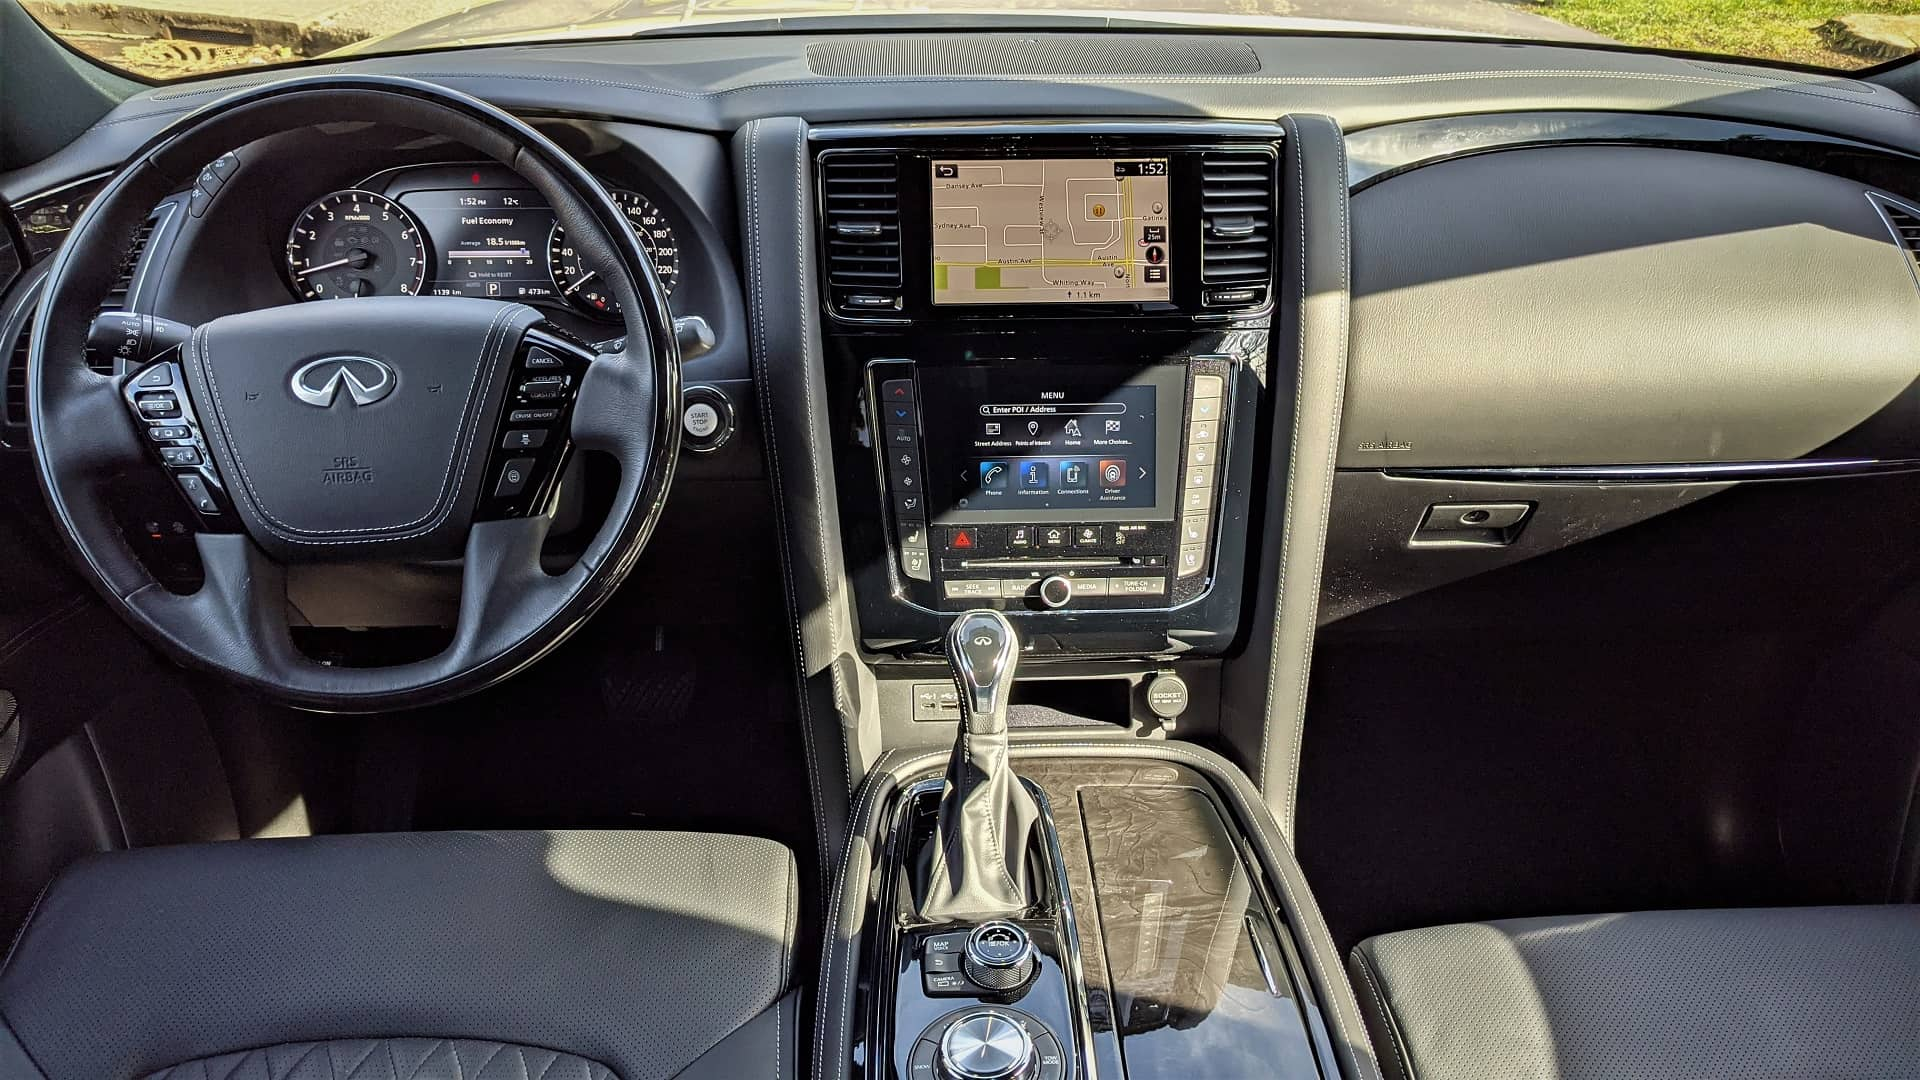 2021 Infiniti QX80 Interior 1